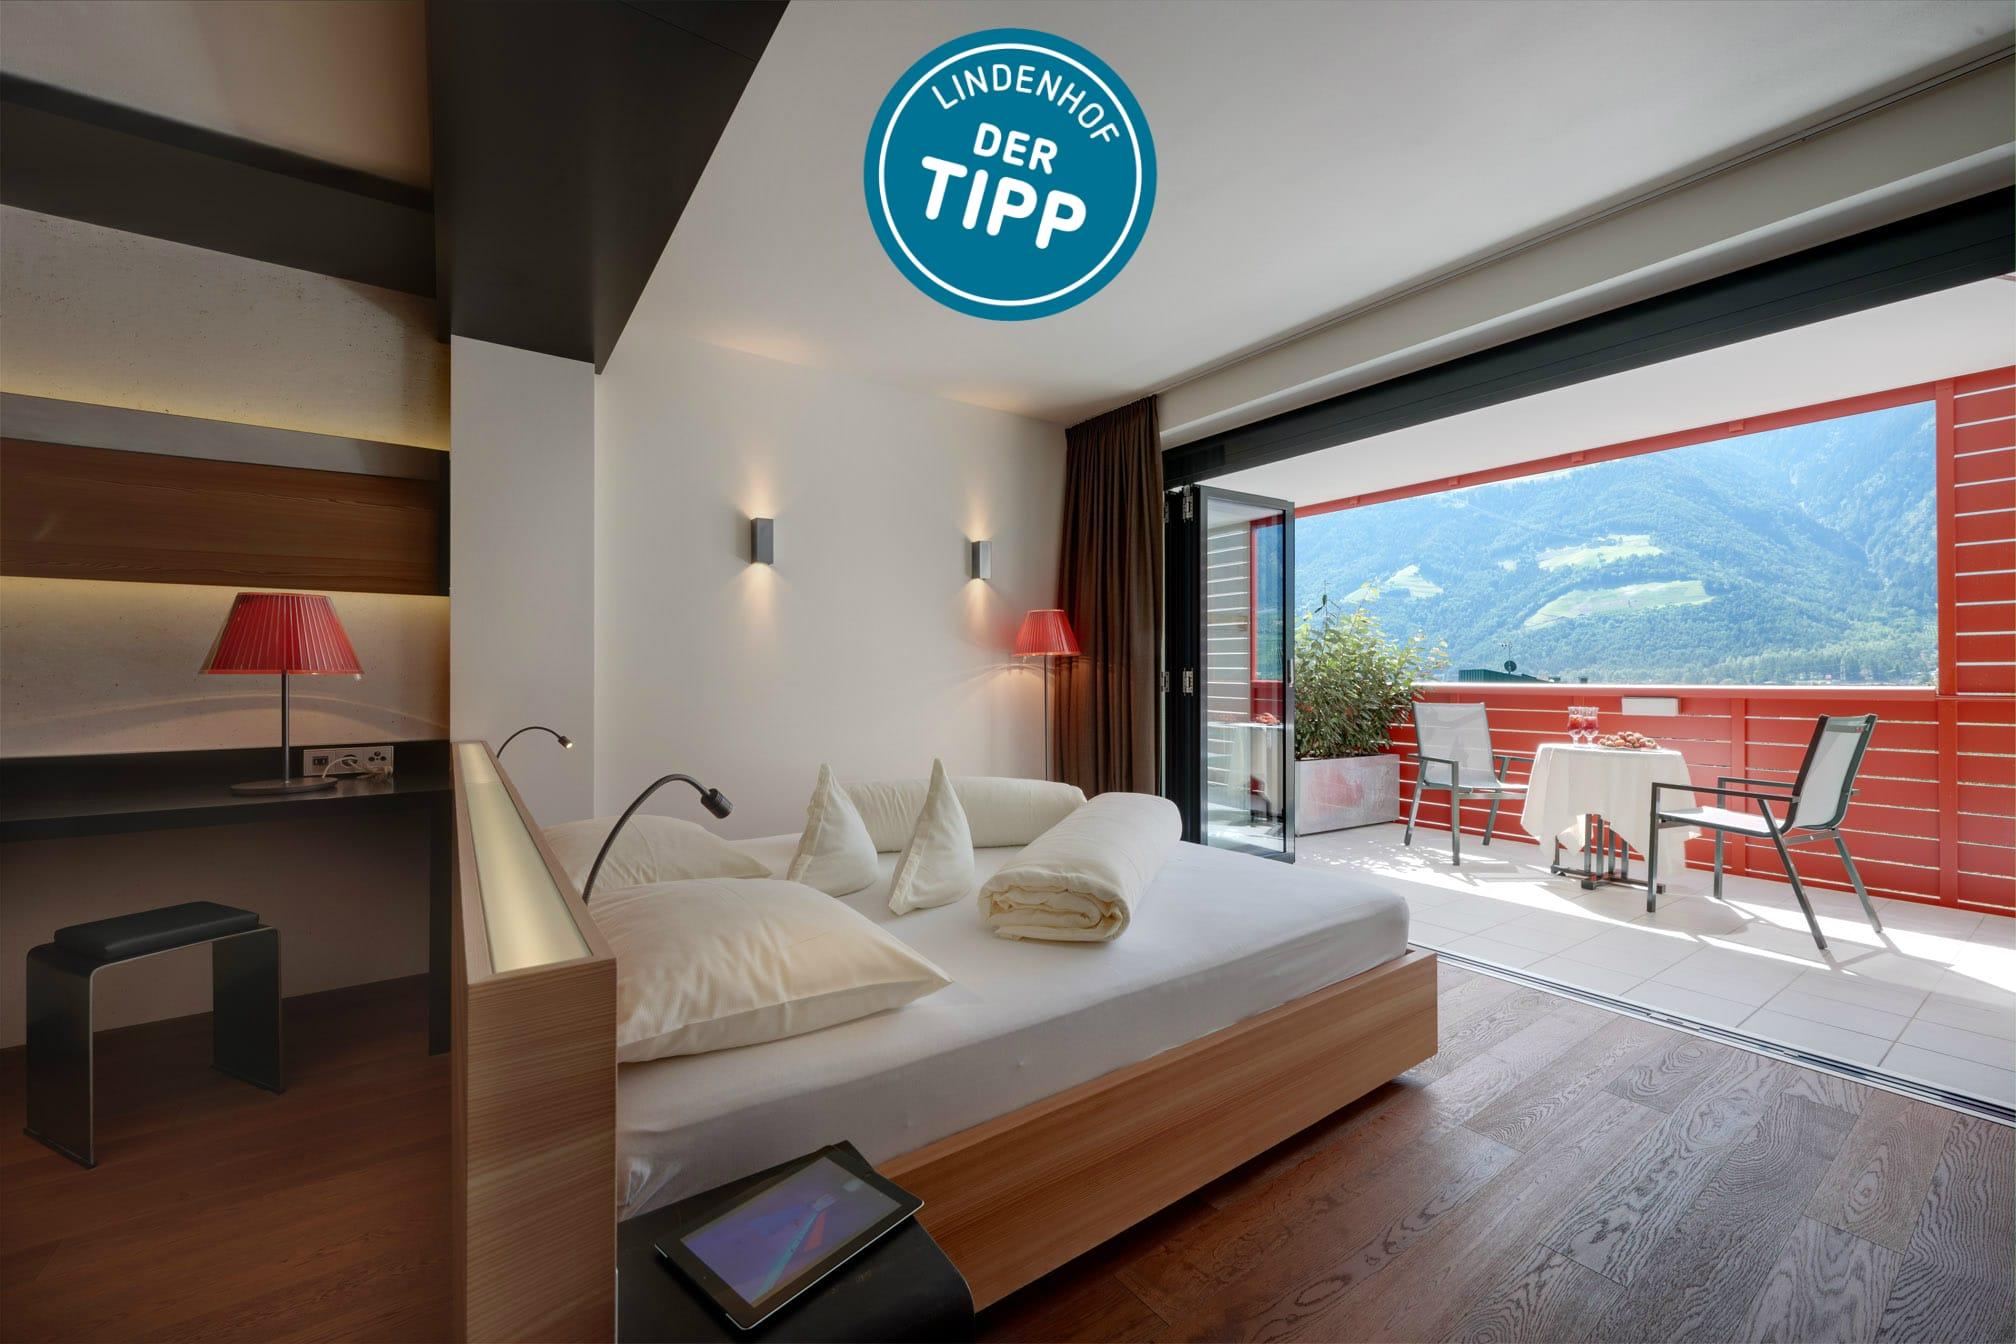 10 Tipps für einen gesunden Schlaf - Hotel Lindenhof****s Lifestyle News